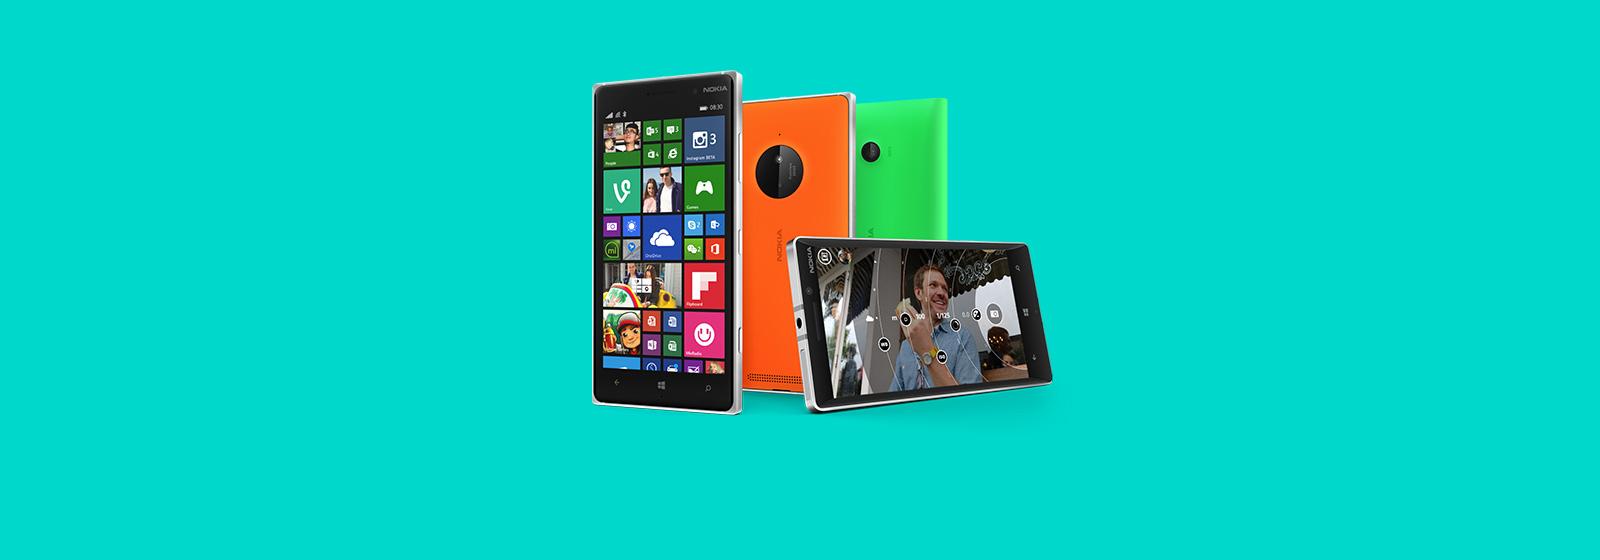 Отримайте ще більше переваг від використання смартфону– ознайомтеся з пристроями Microsoft Lumia.